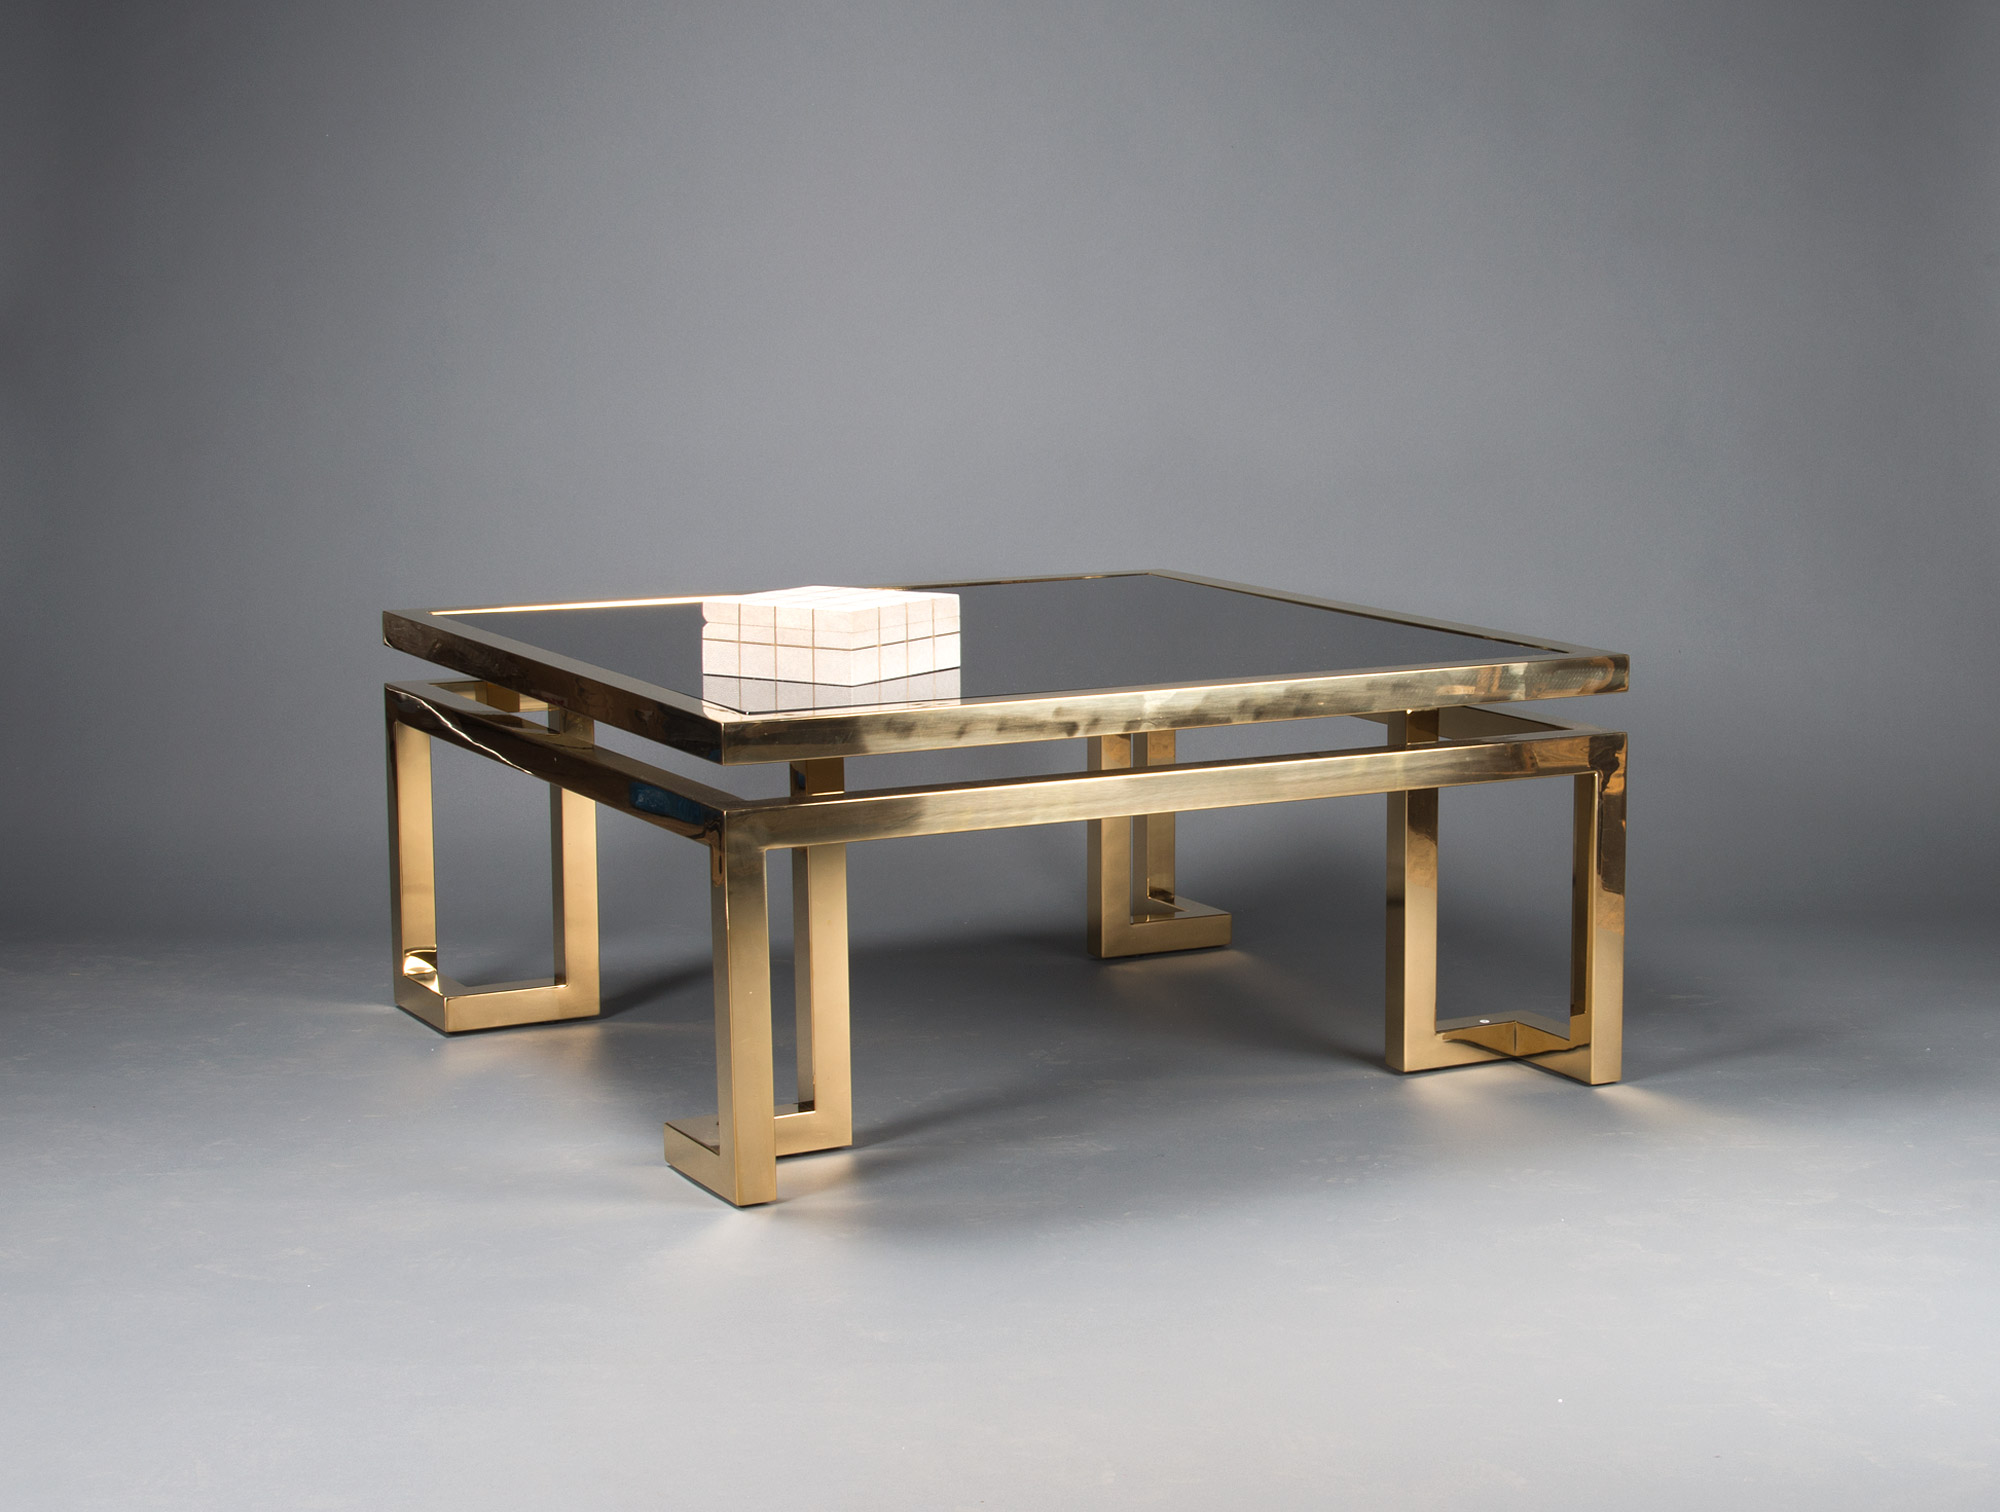 grande table basse dor e verre fum soubrier louer. Black Bedroom Furniture Sets. Home Design Ideas